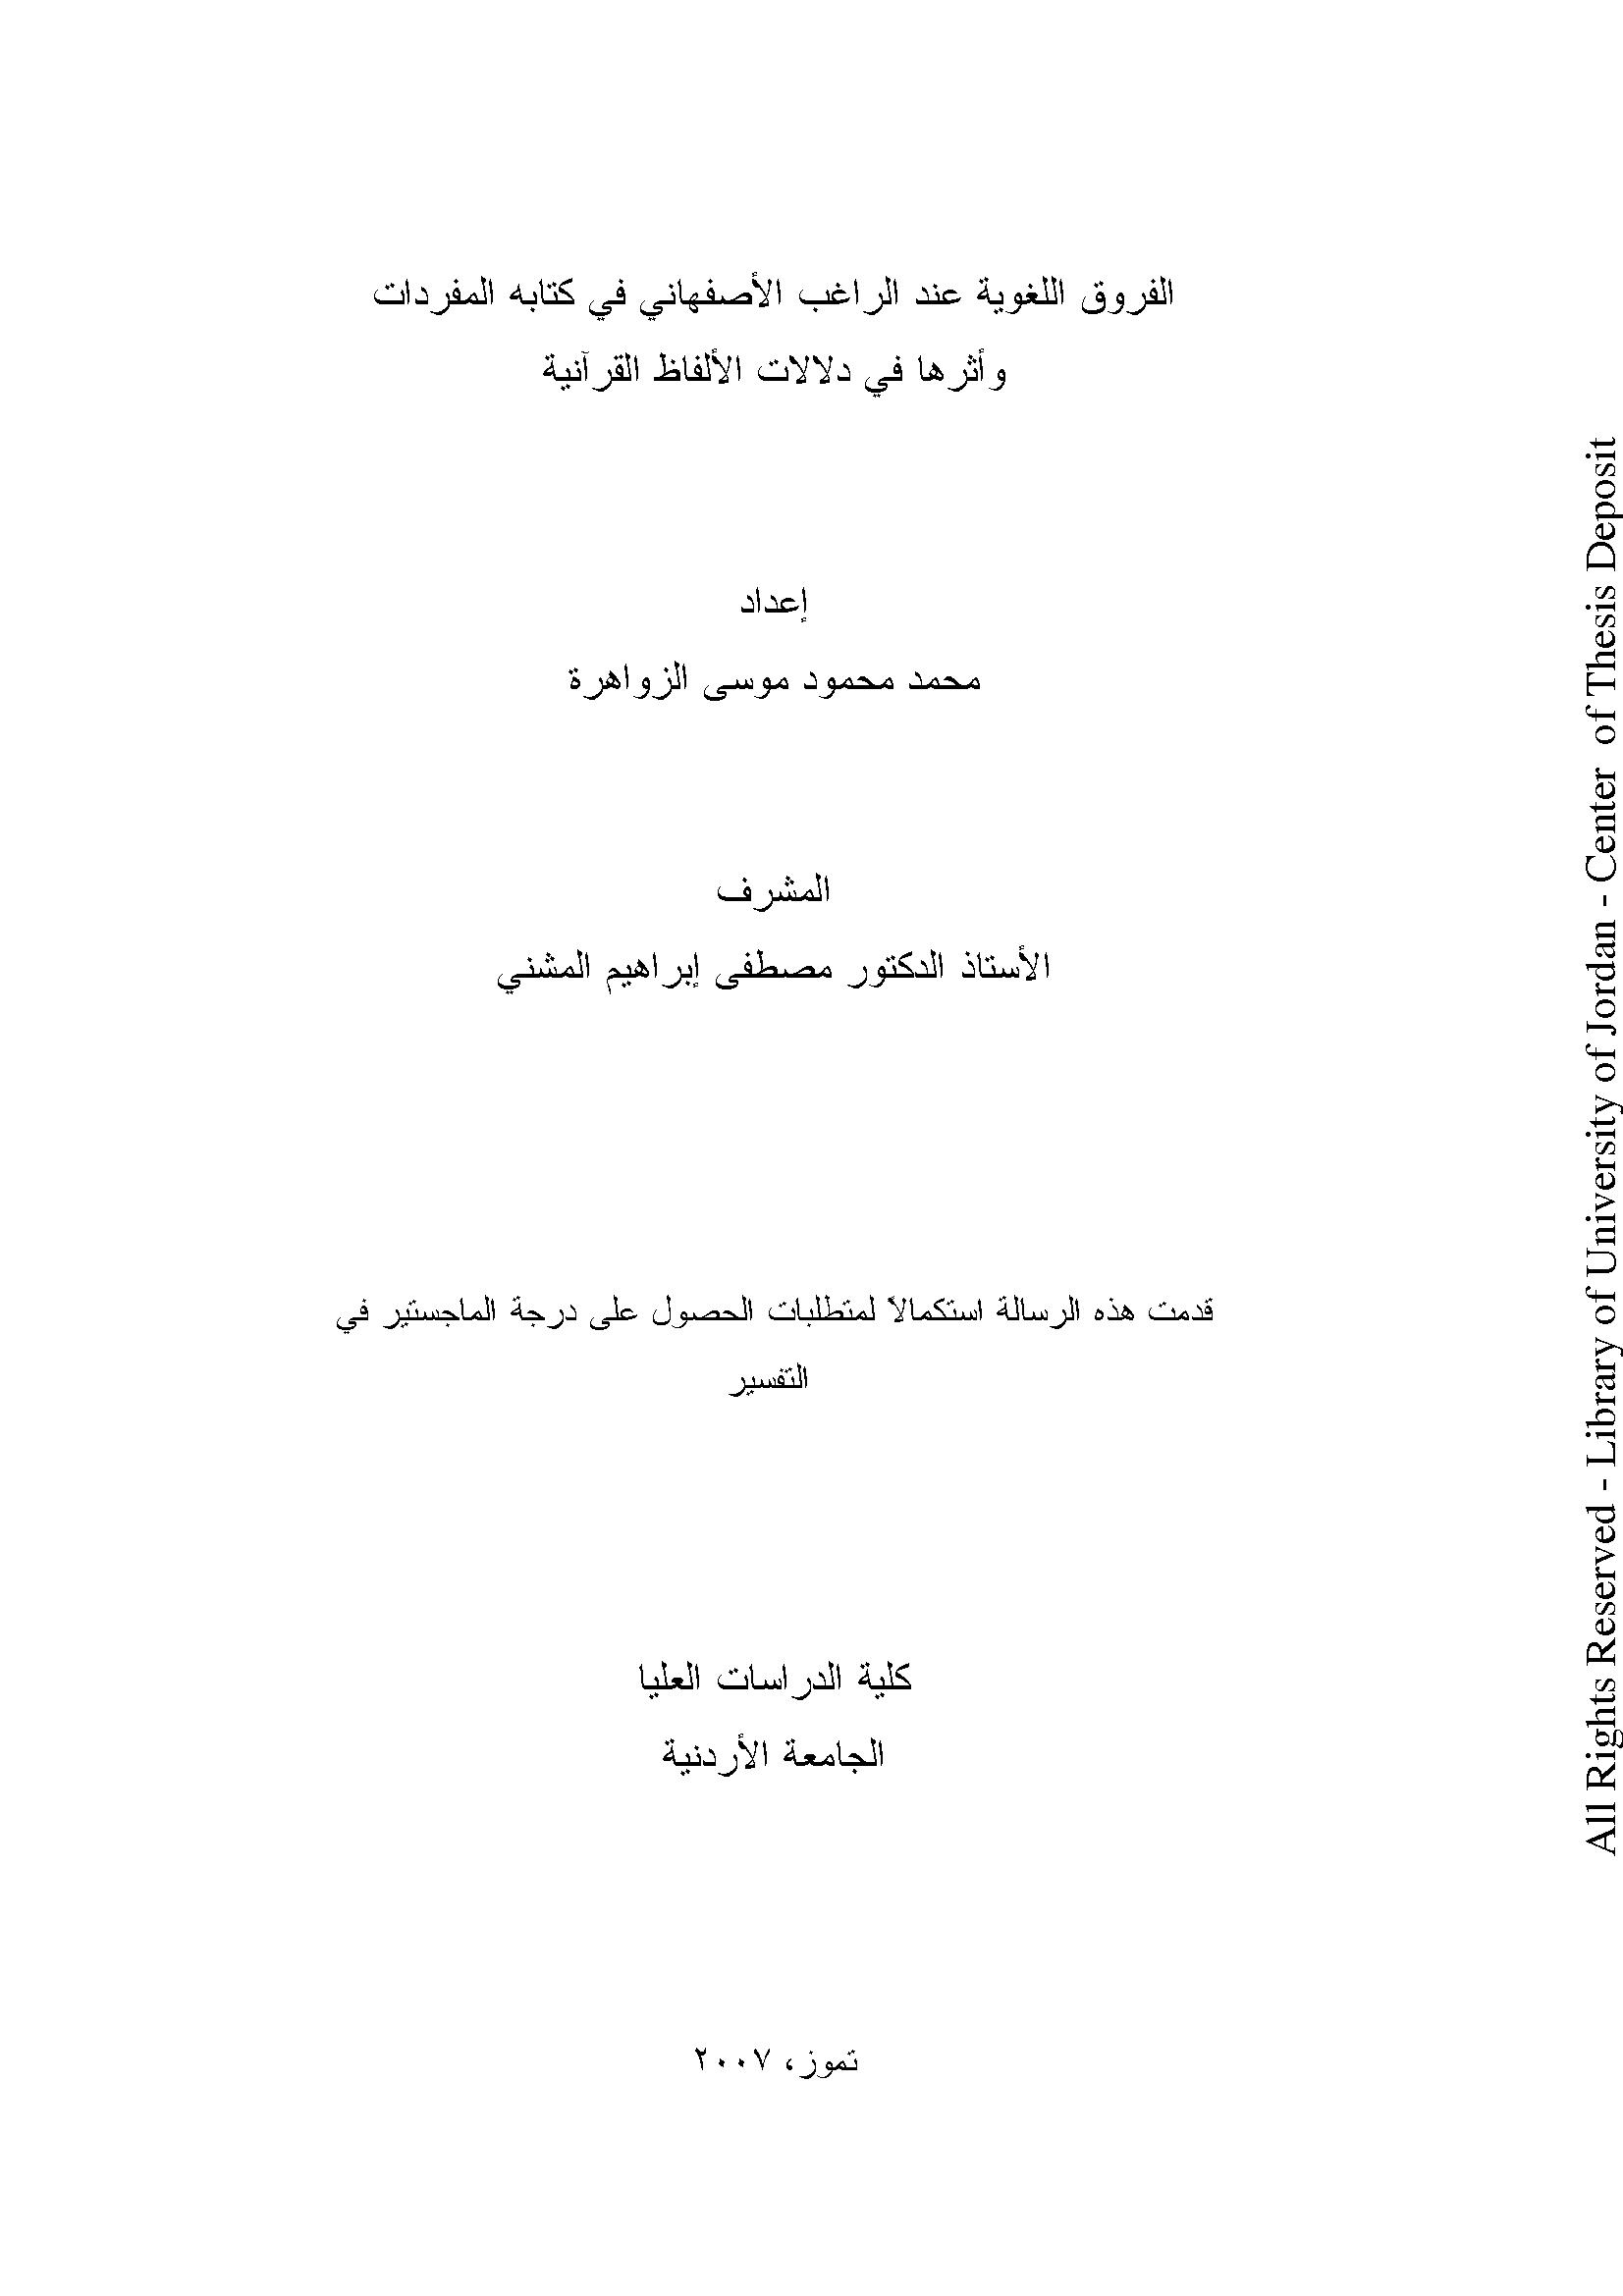 تحميل كتاب الفروق اللغوية في تفسير الكلمات القرآنية